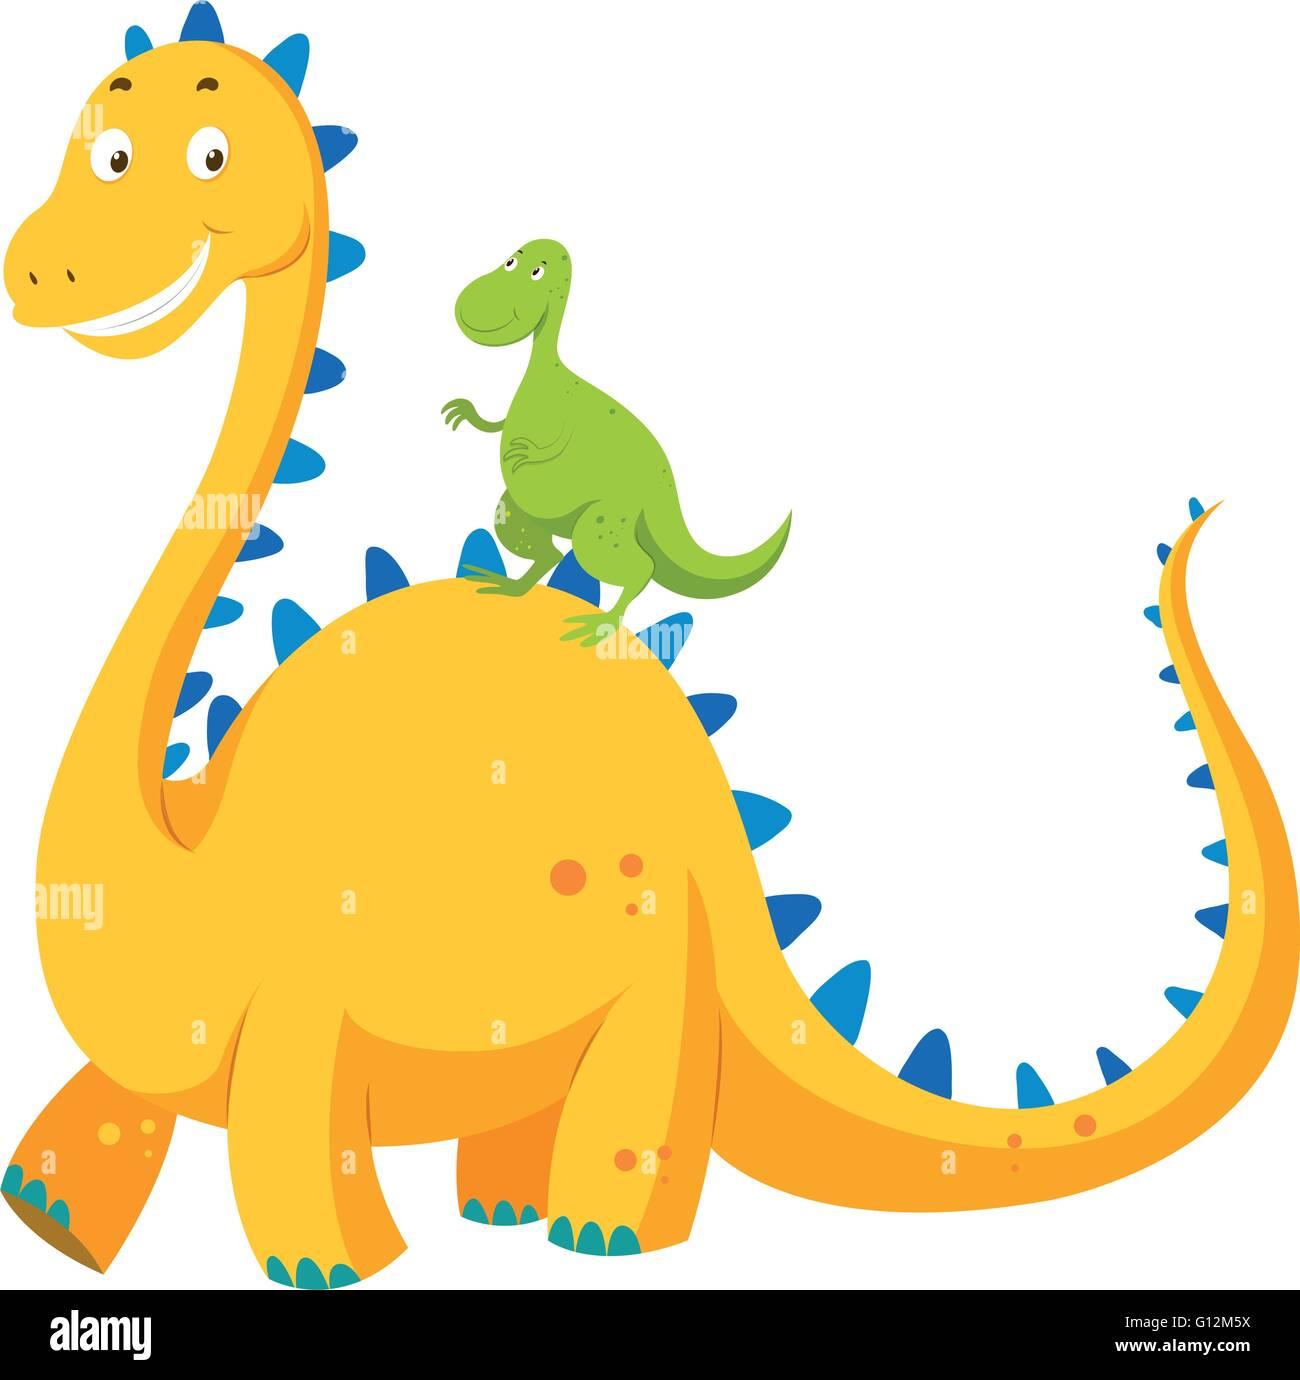 Big dinosaur and small dinosaur illustration Stock Vector